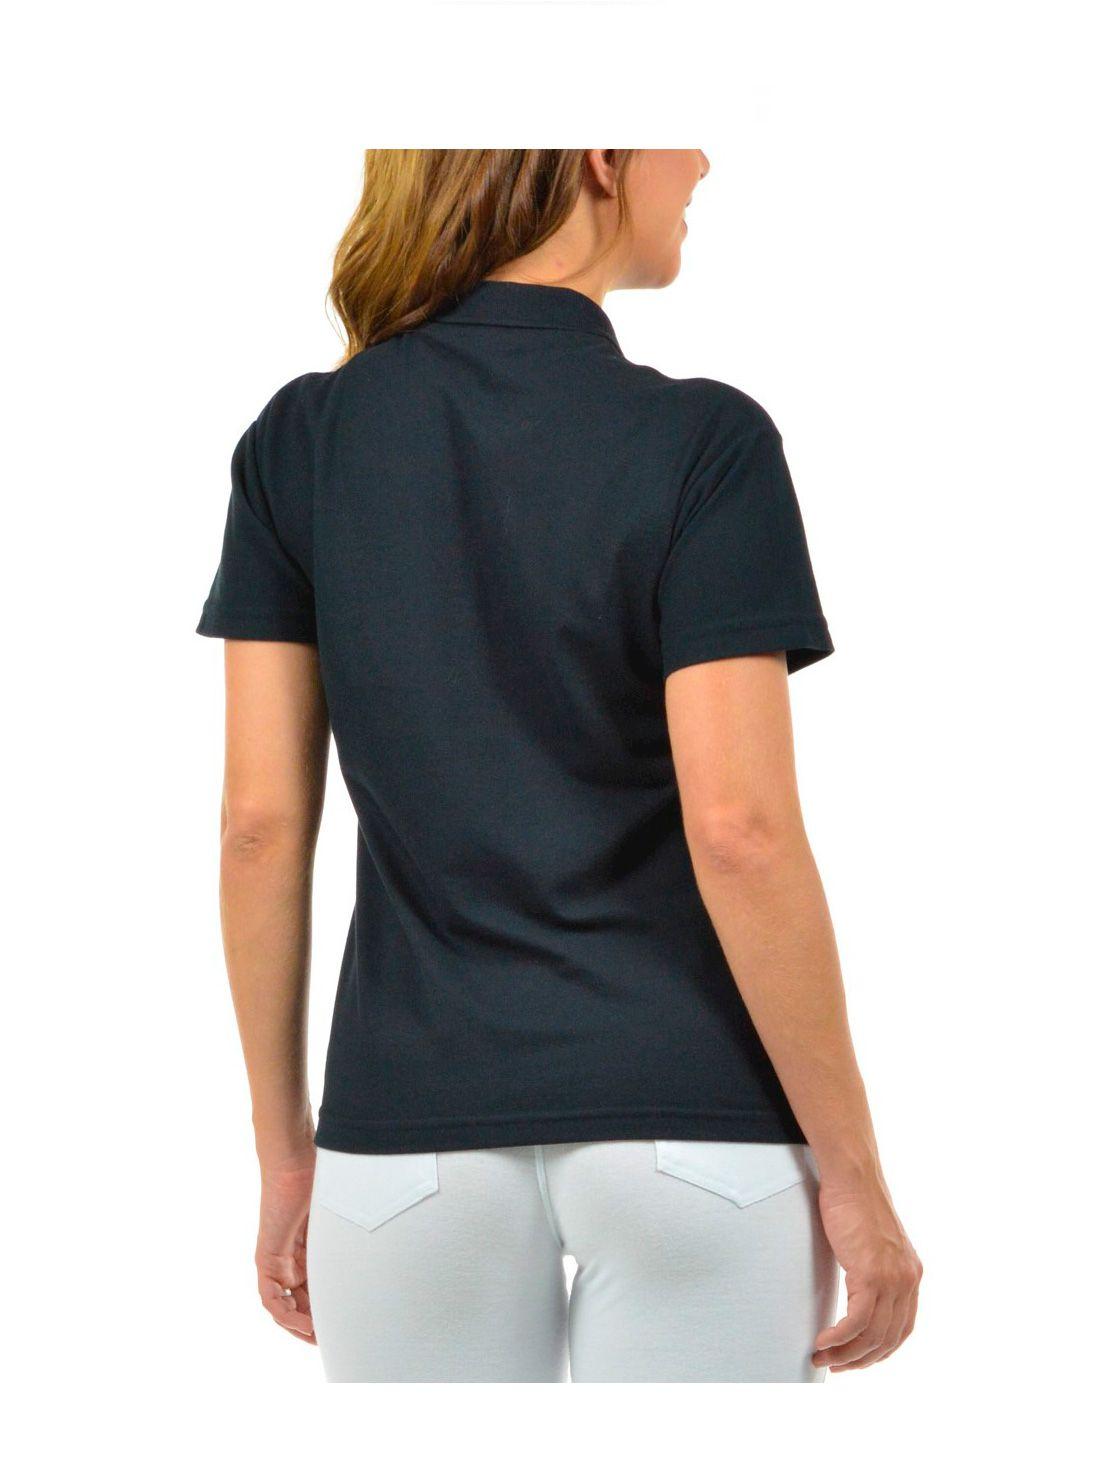 a2d1b1bae973 ... Camisa Polo Feminina Logo Simbolo Curso Marketing Bordado - Talysmã  Bordados ...